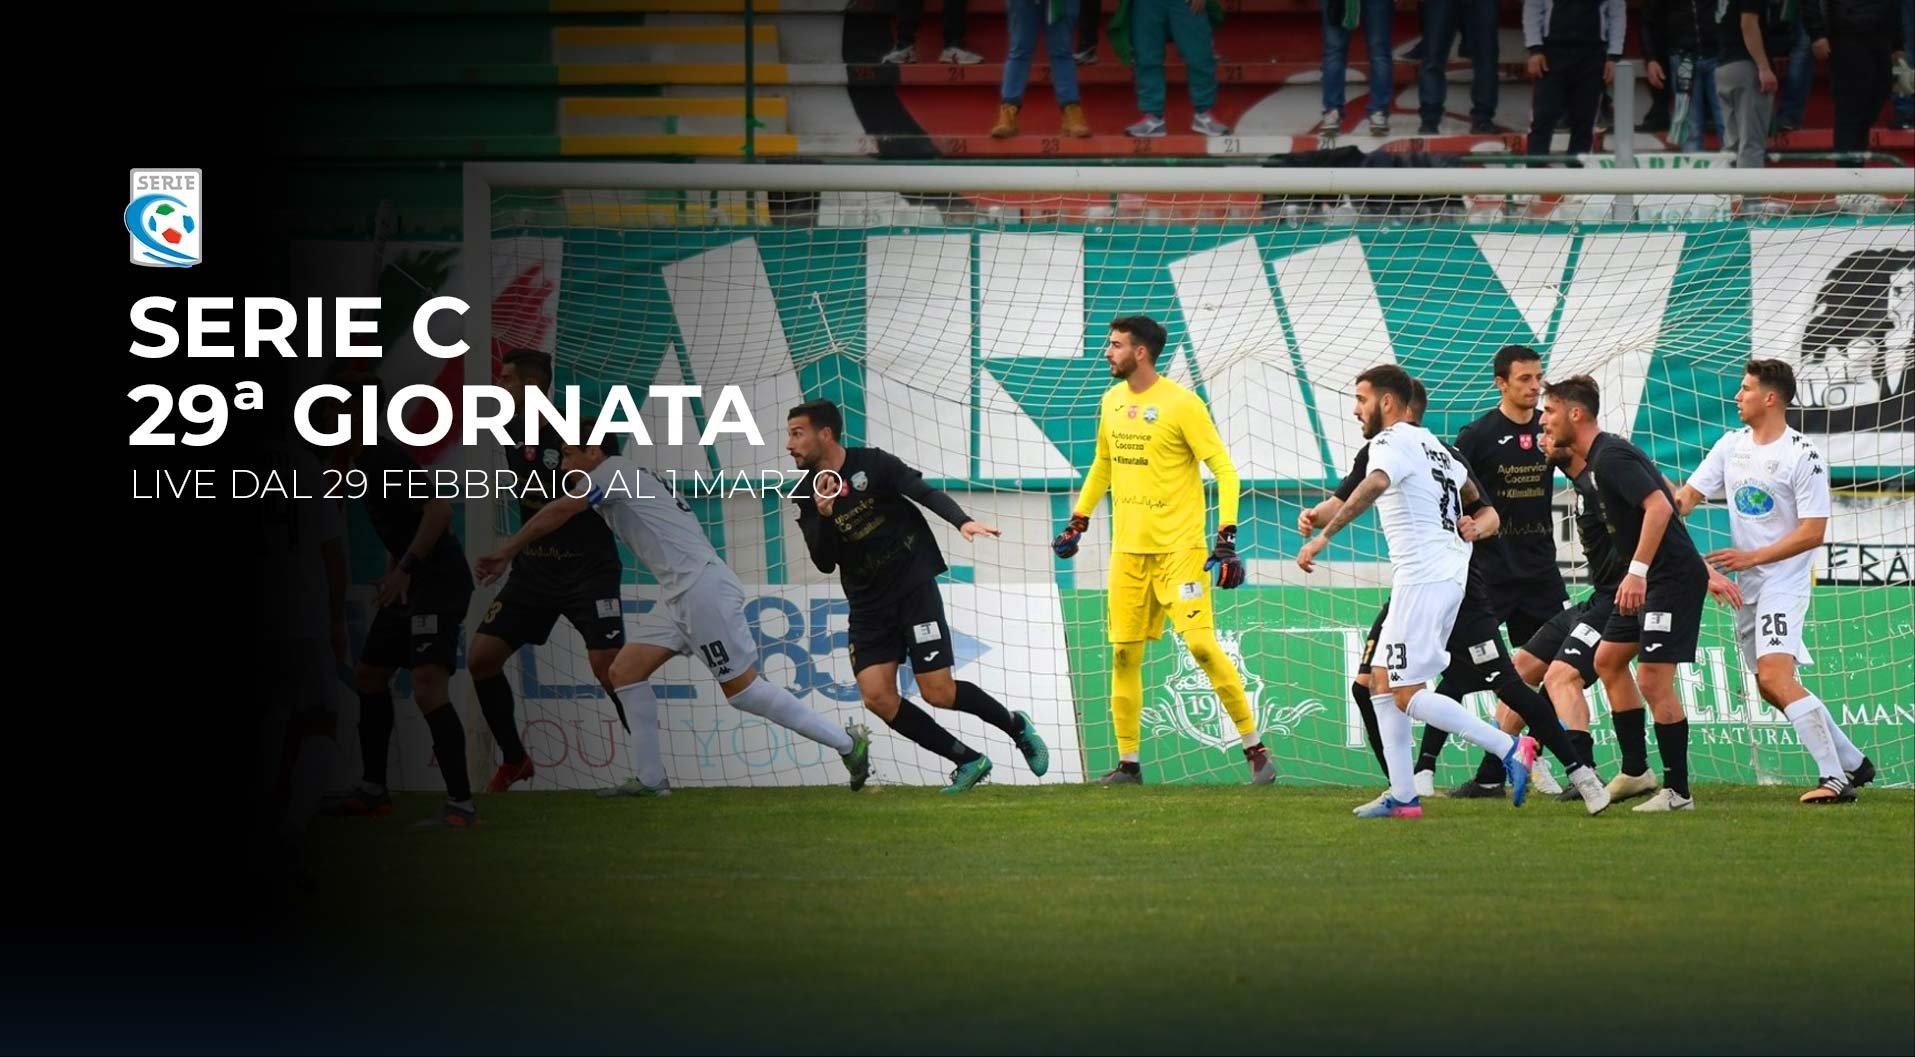 Serie C TV, 29a Giornata  - Programma e Telecronisti Eleven Sports